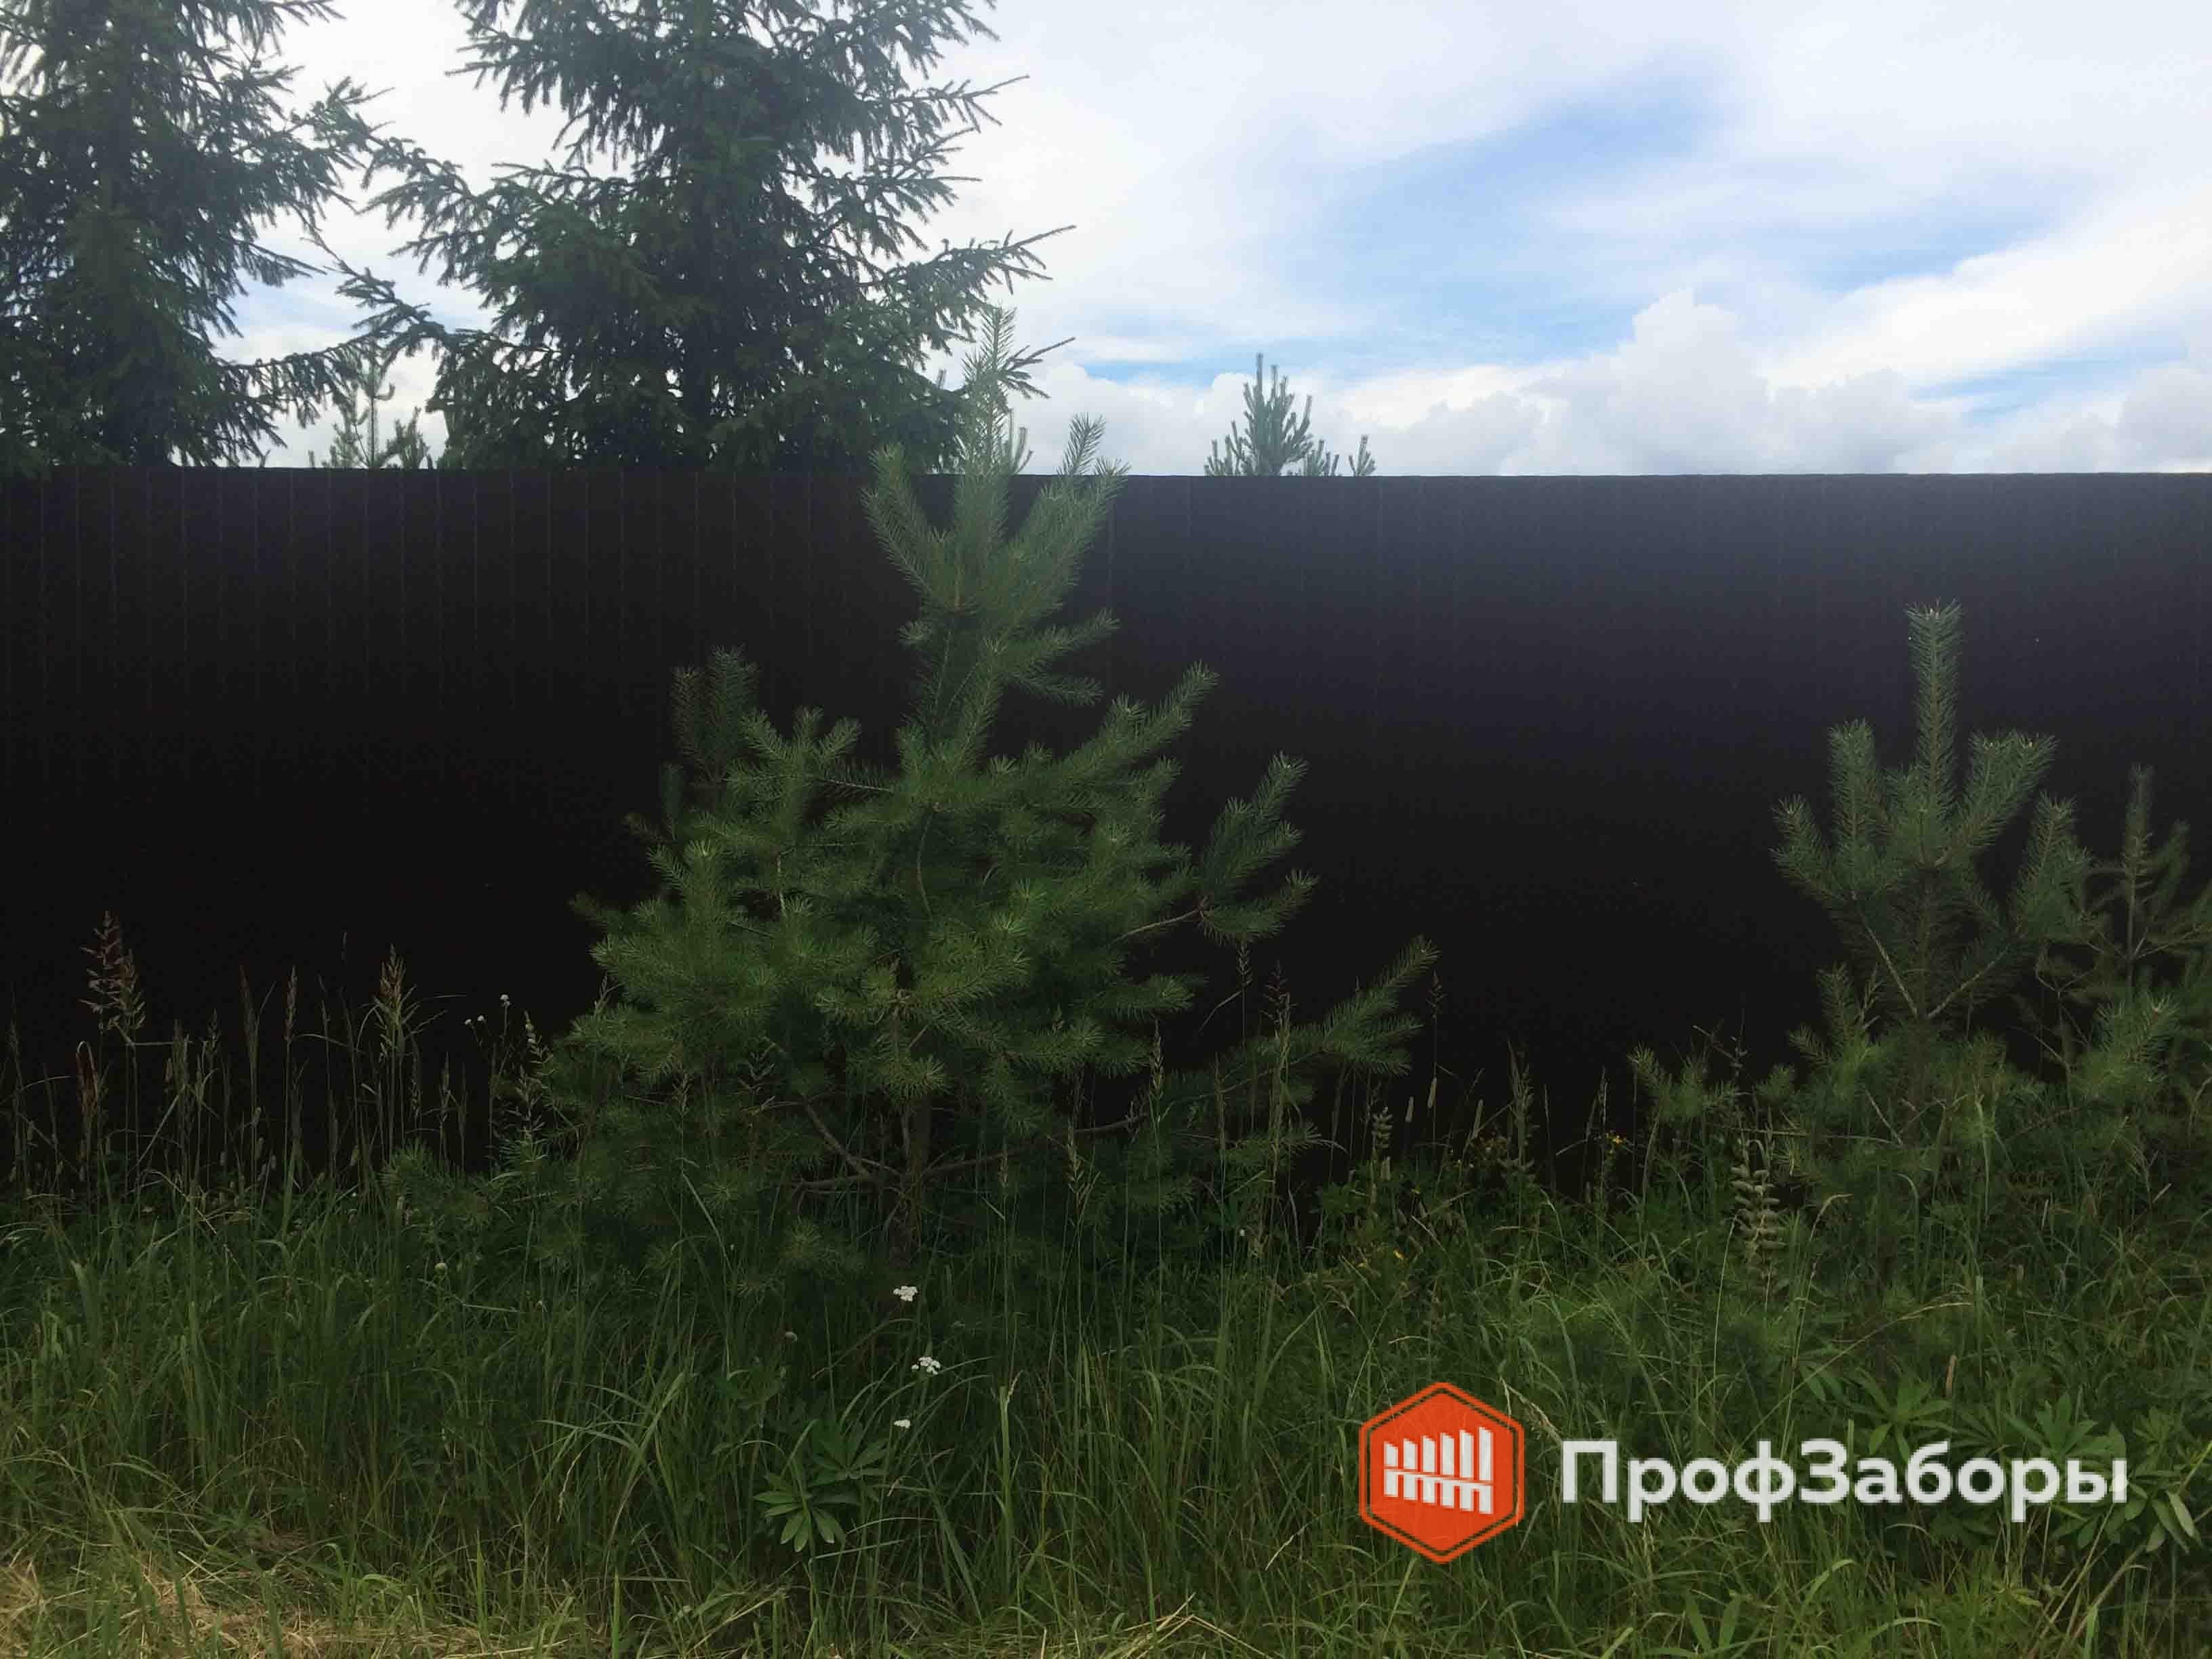 Заборы Из профнастила  - Городской округ Егорьевск. Фото 3